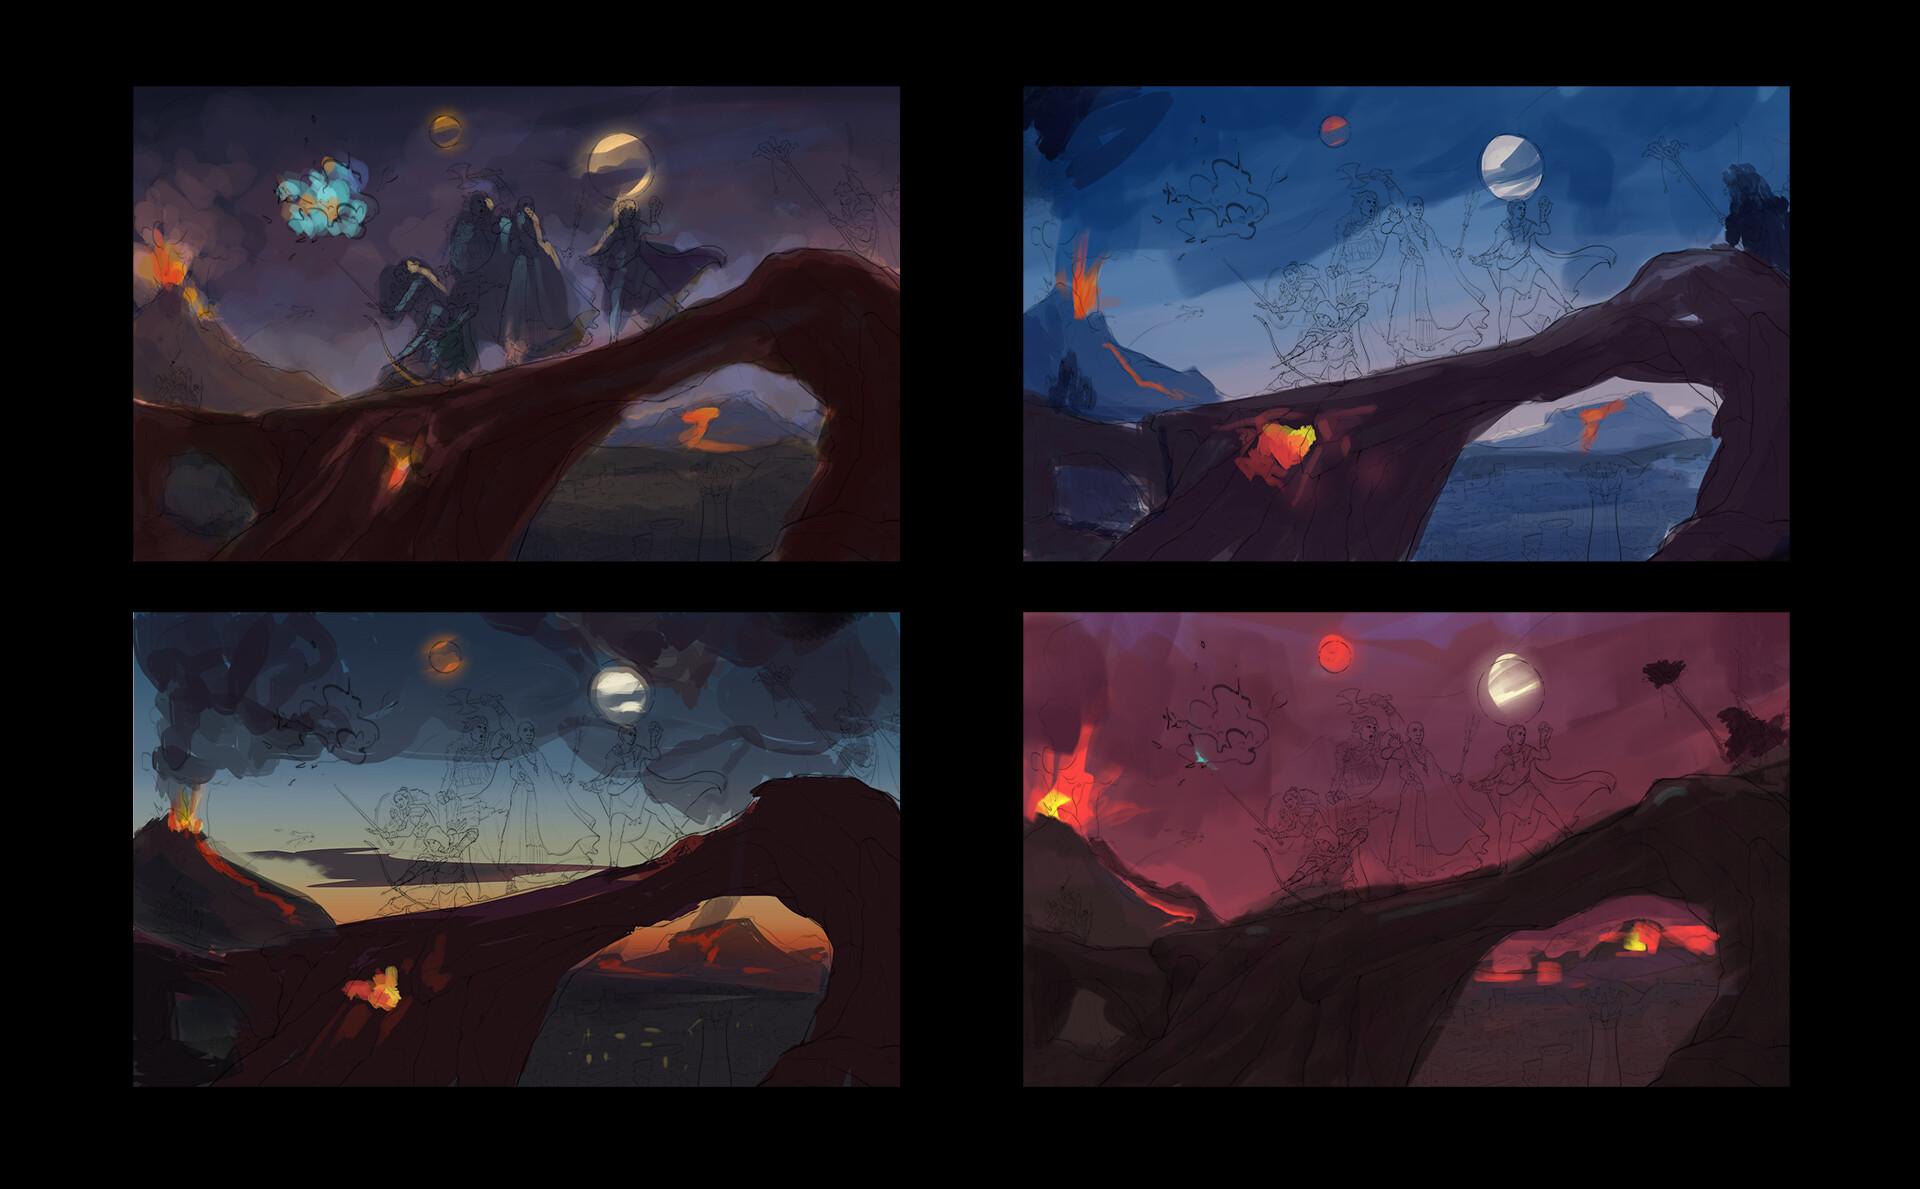 Dragonlance color sketch